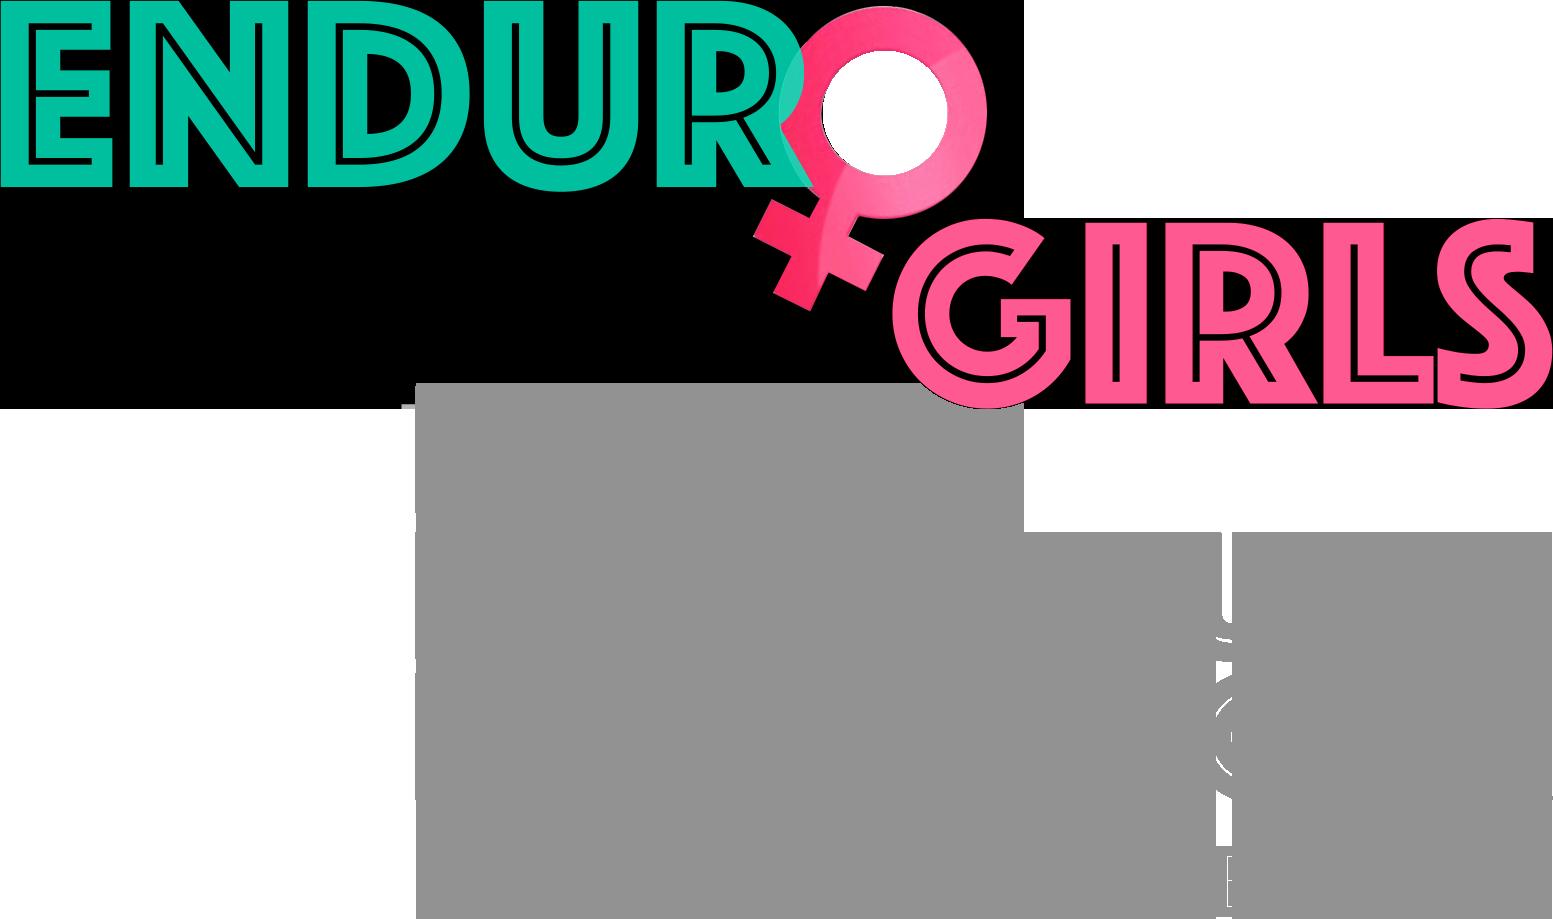 logo_enduro-girls bis